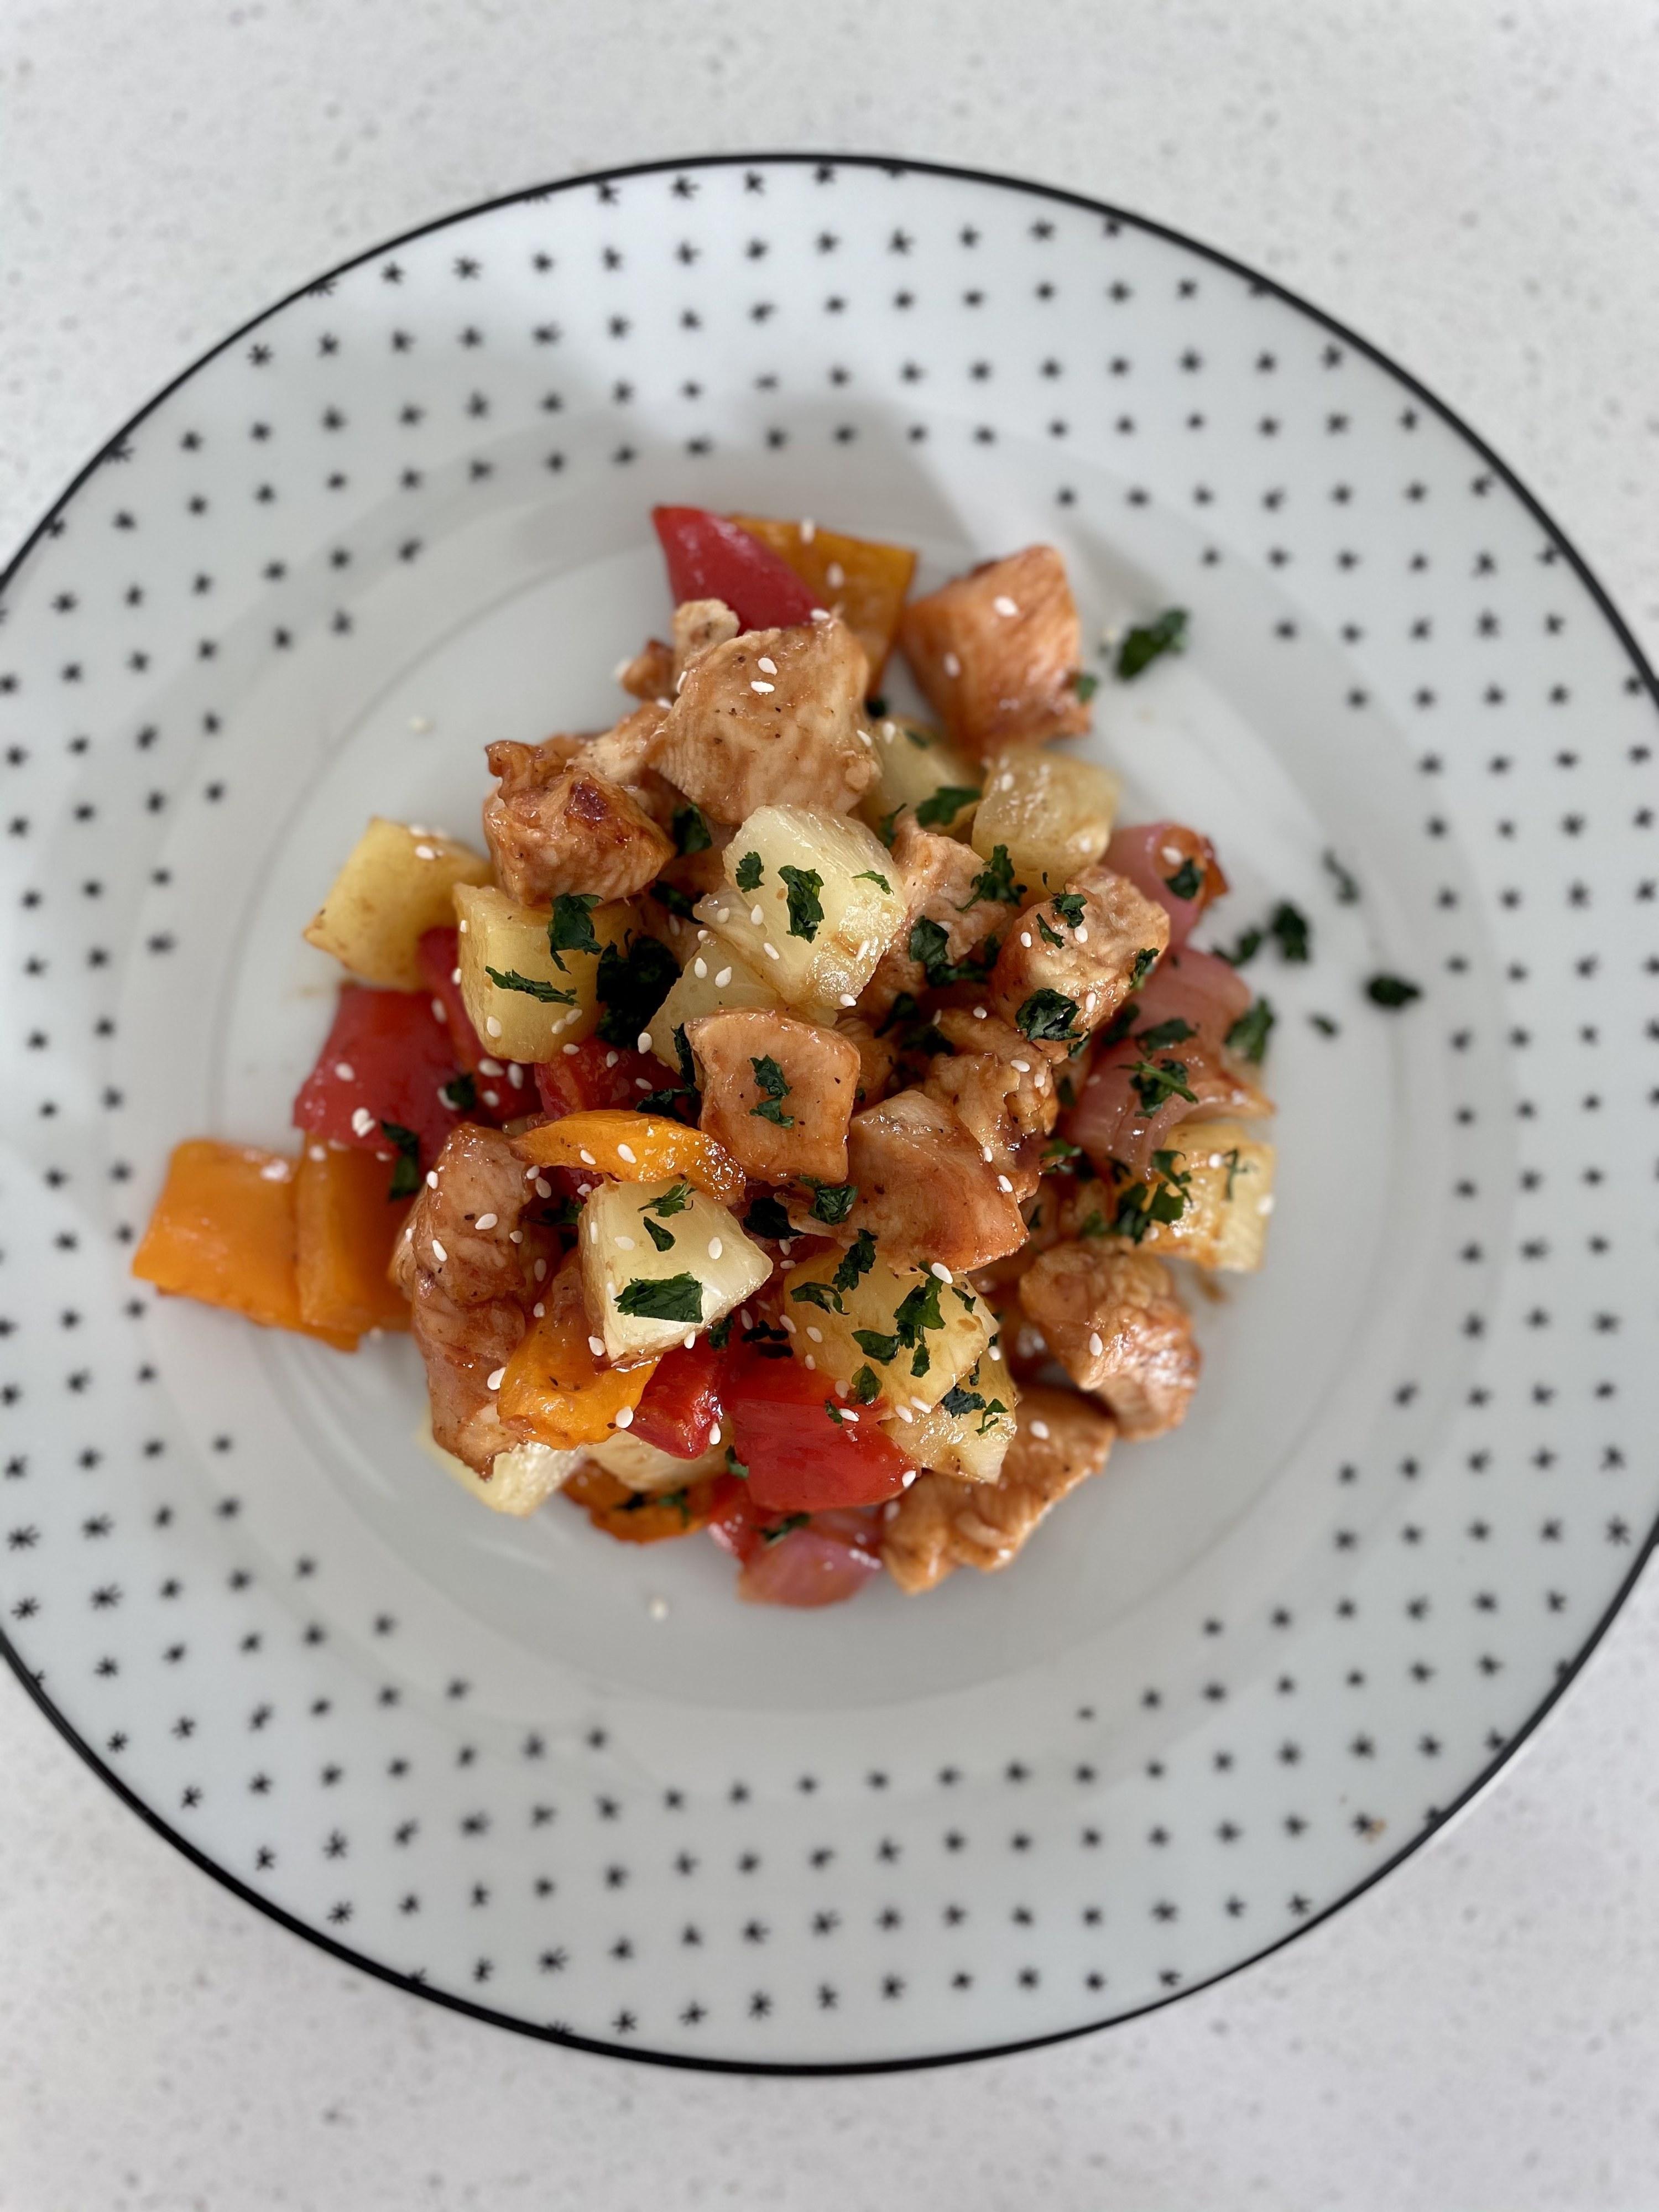 Hawaiian Chicken plated